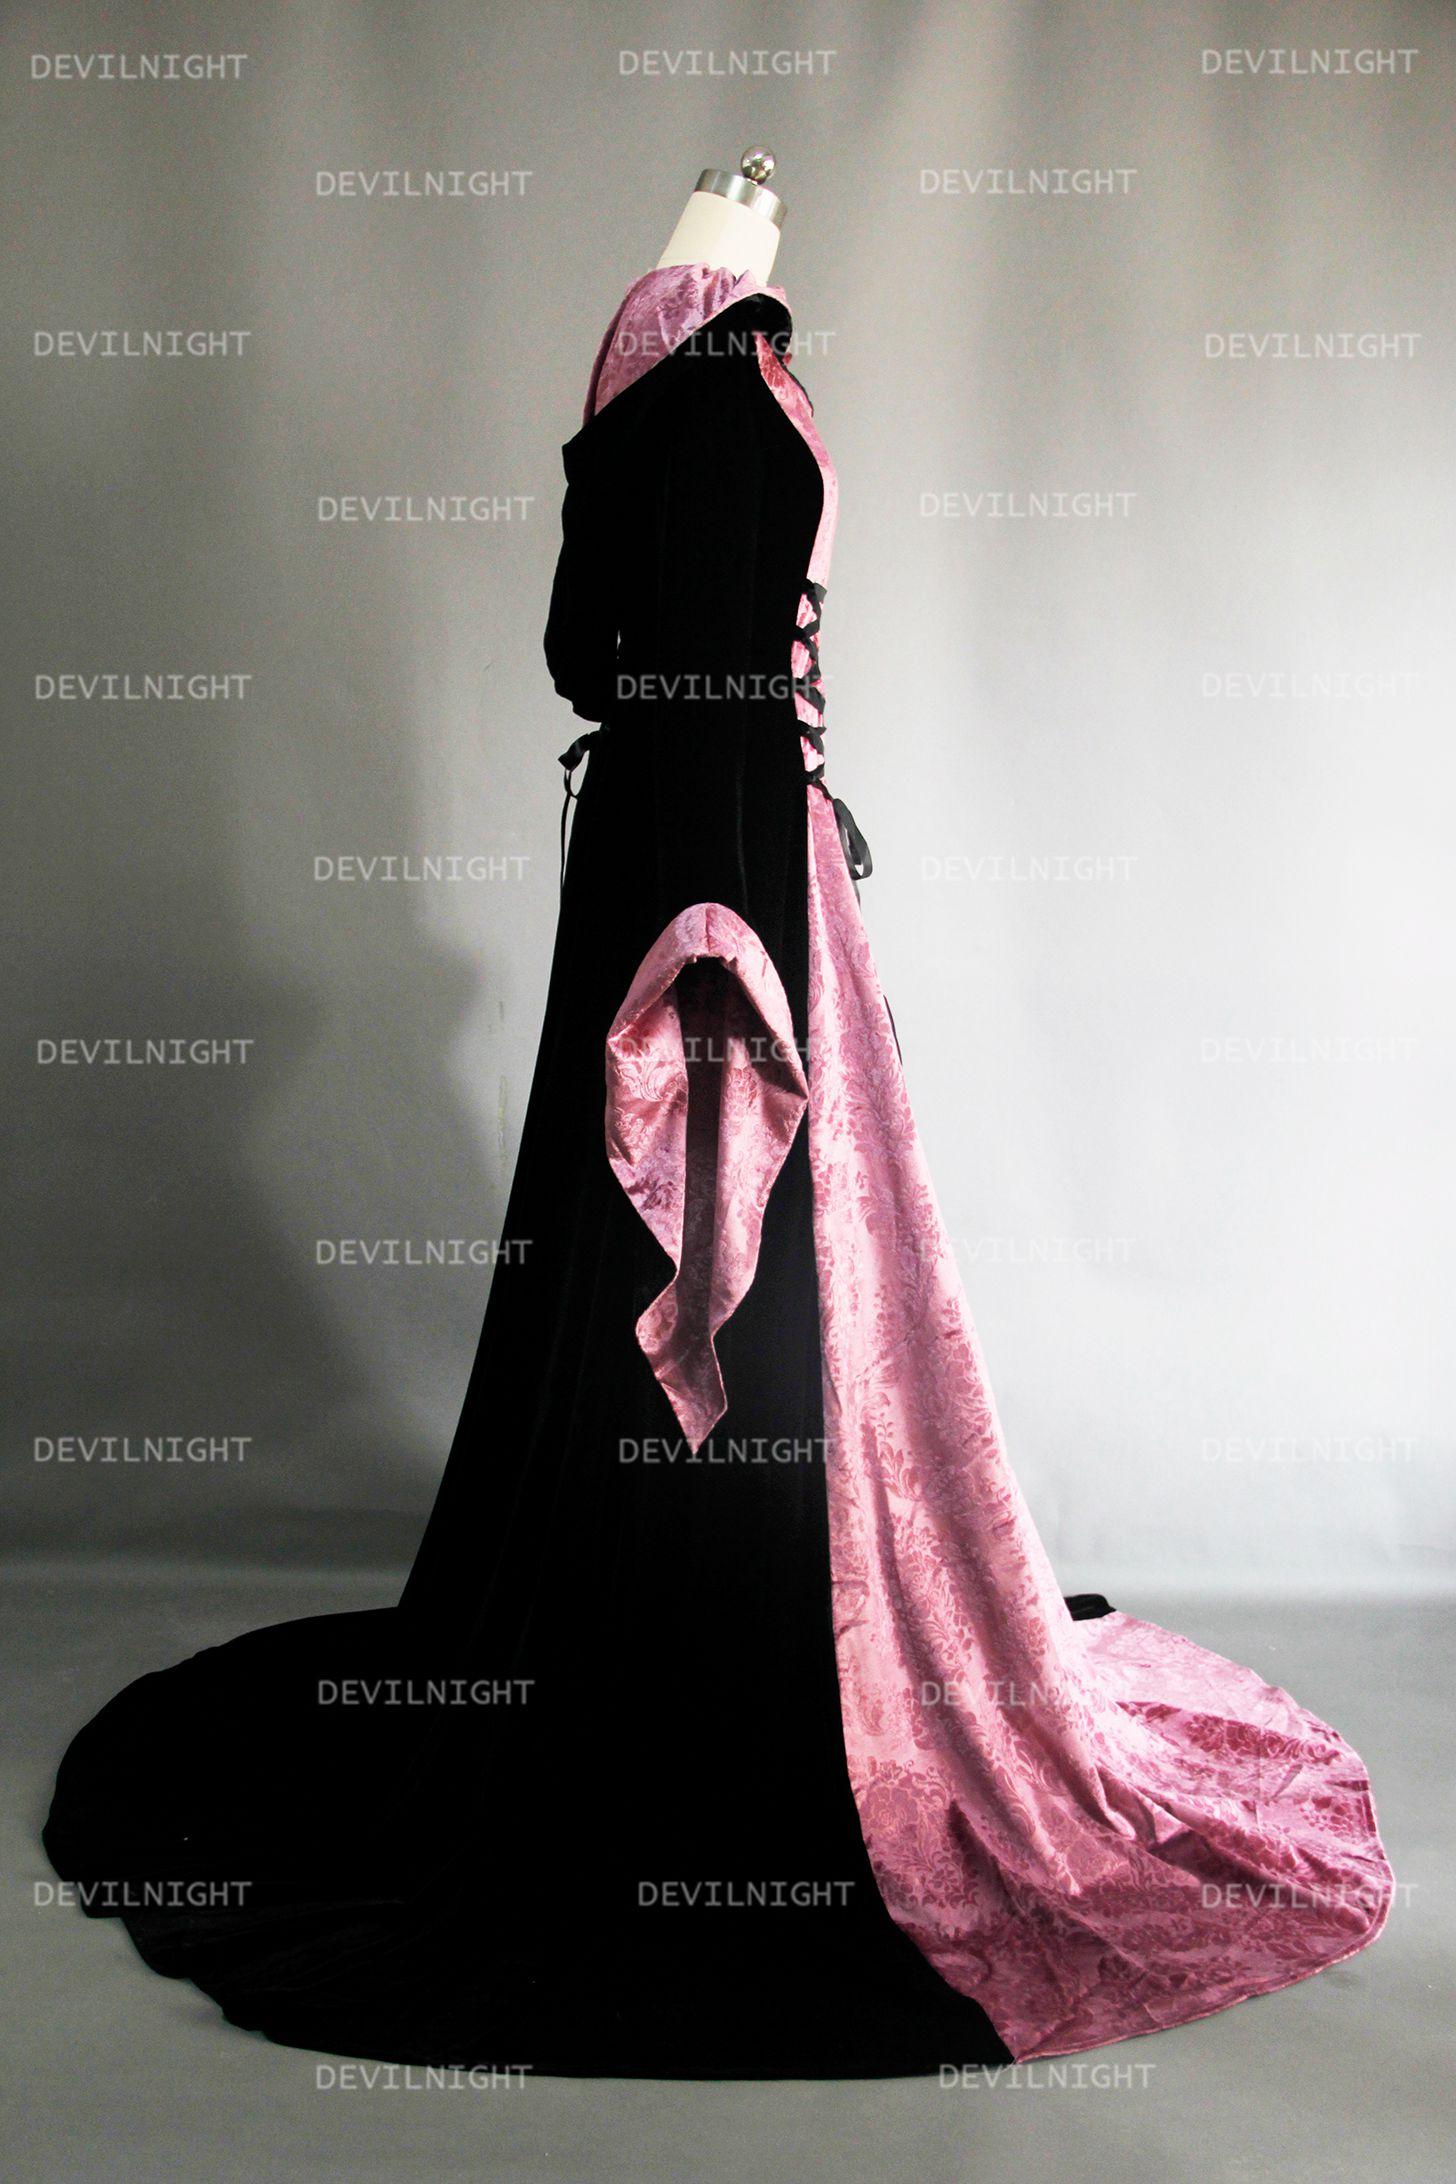 purple_and_black_velvet_gothic_hooded_medieval_dress_dresses_6.jpg